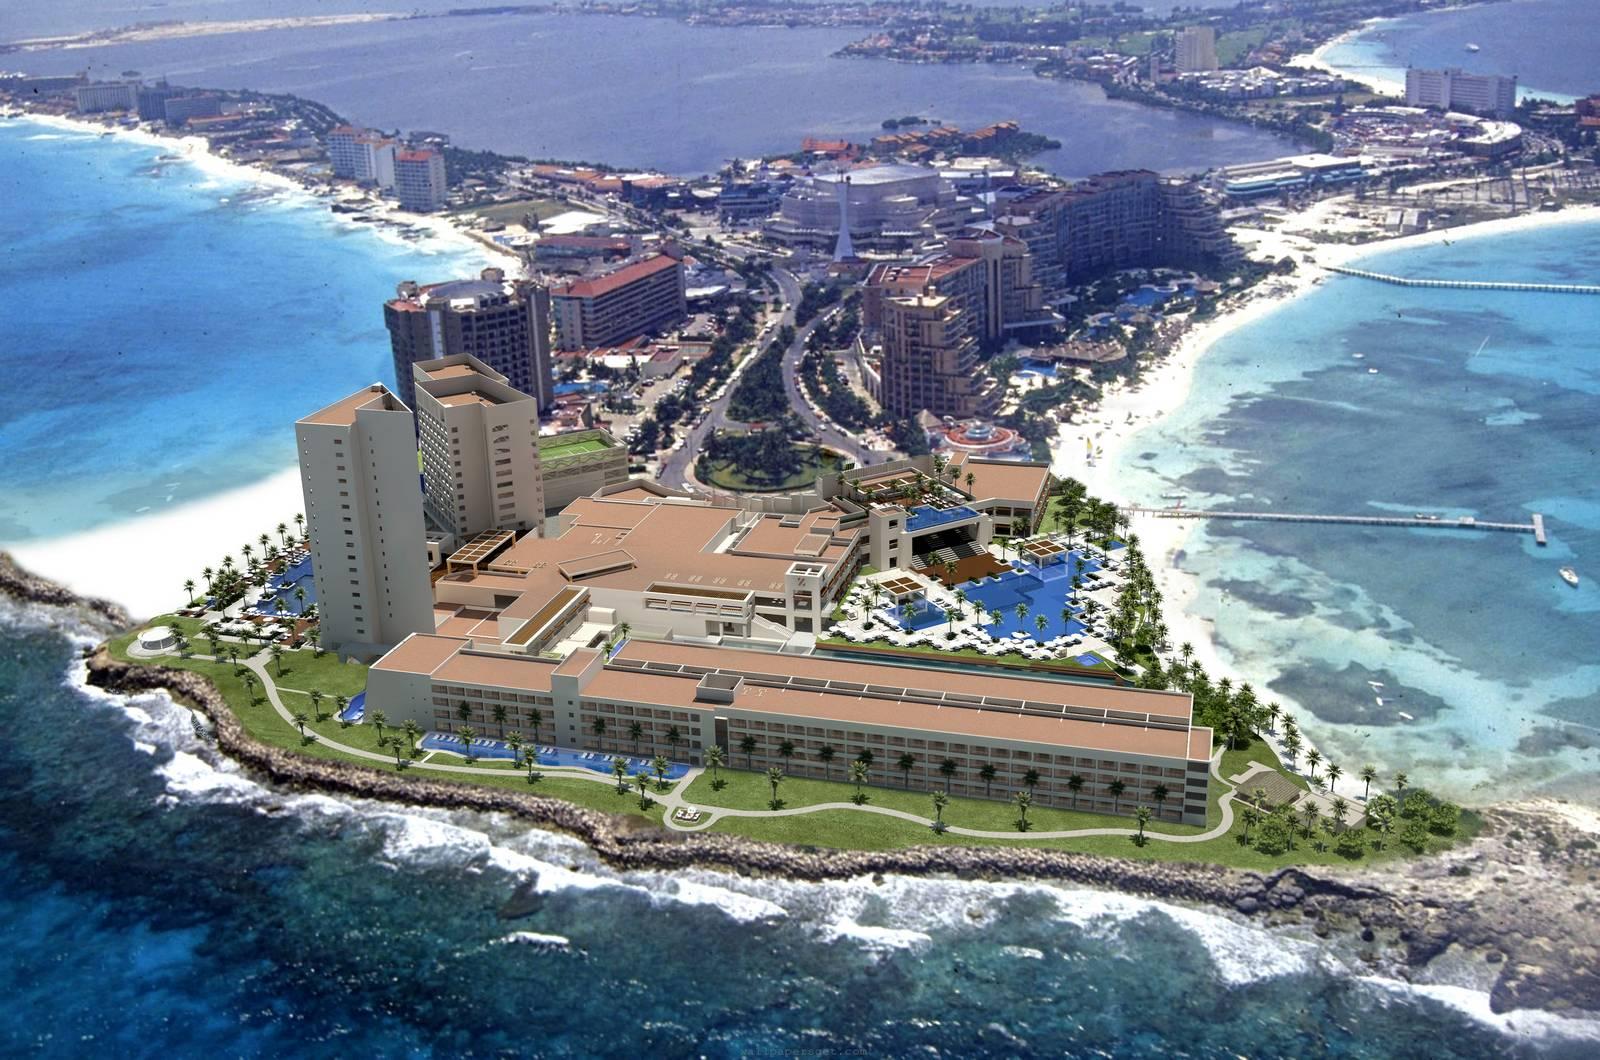 Hyatt Ziva Cancun resort